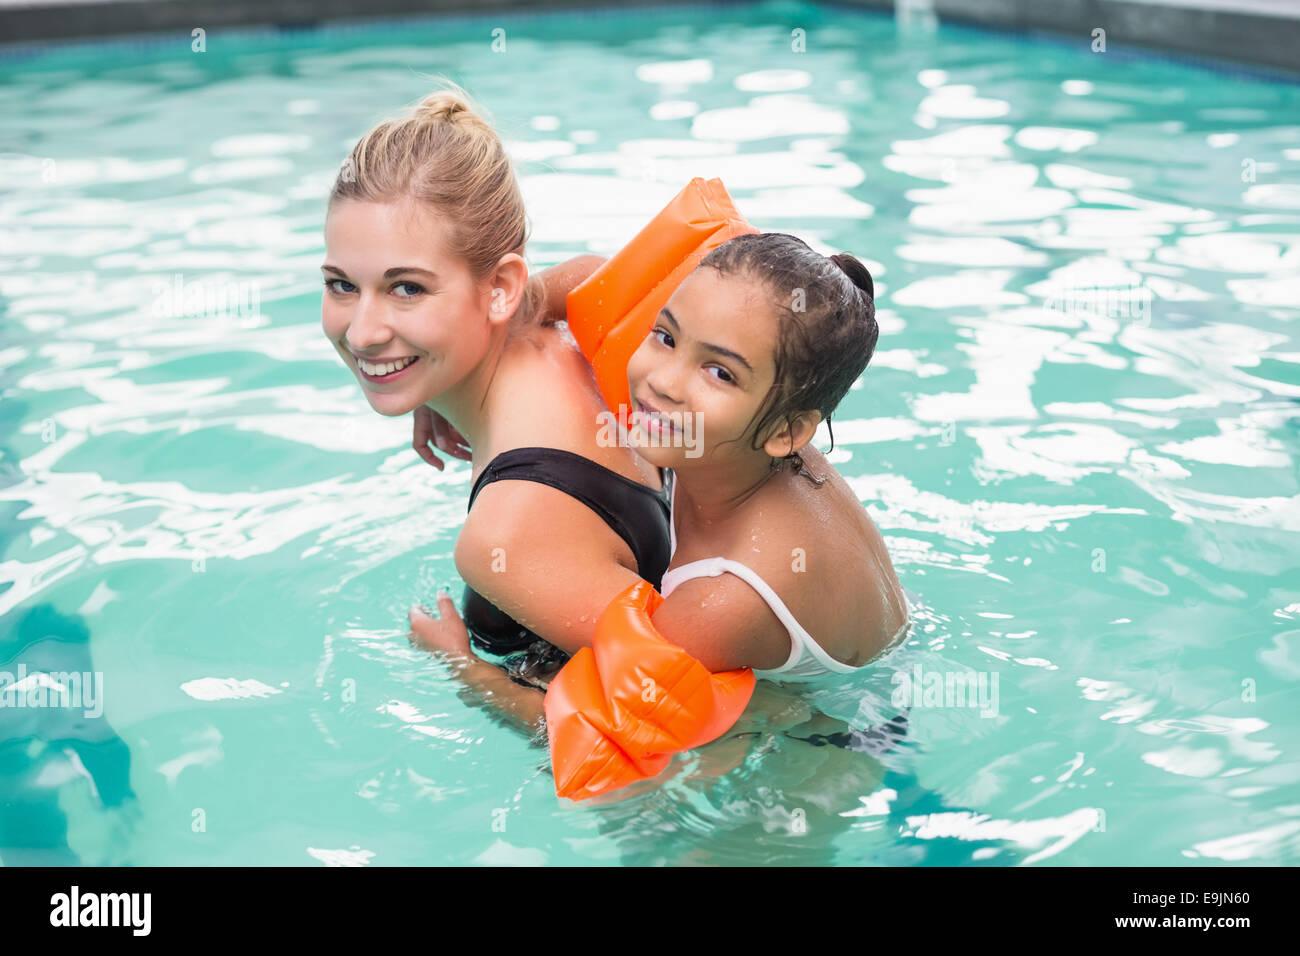 Jolie petite fille obtenant un entraîneur de natation de piggy back Photo Stock